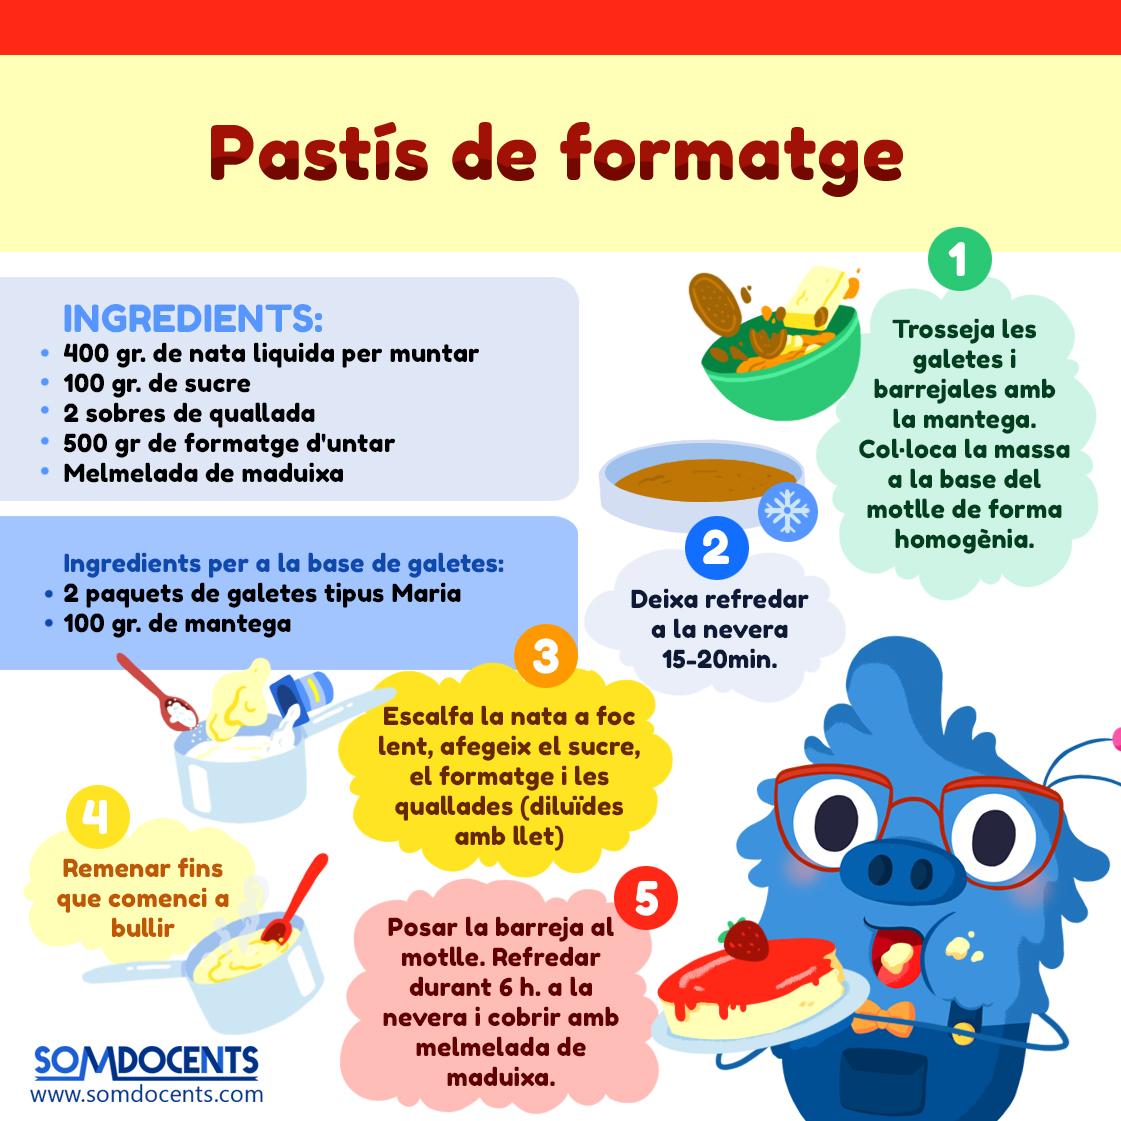 somdocents-recepta-pastís-de-formatge